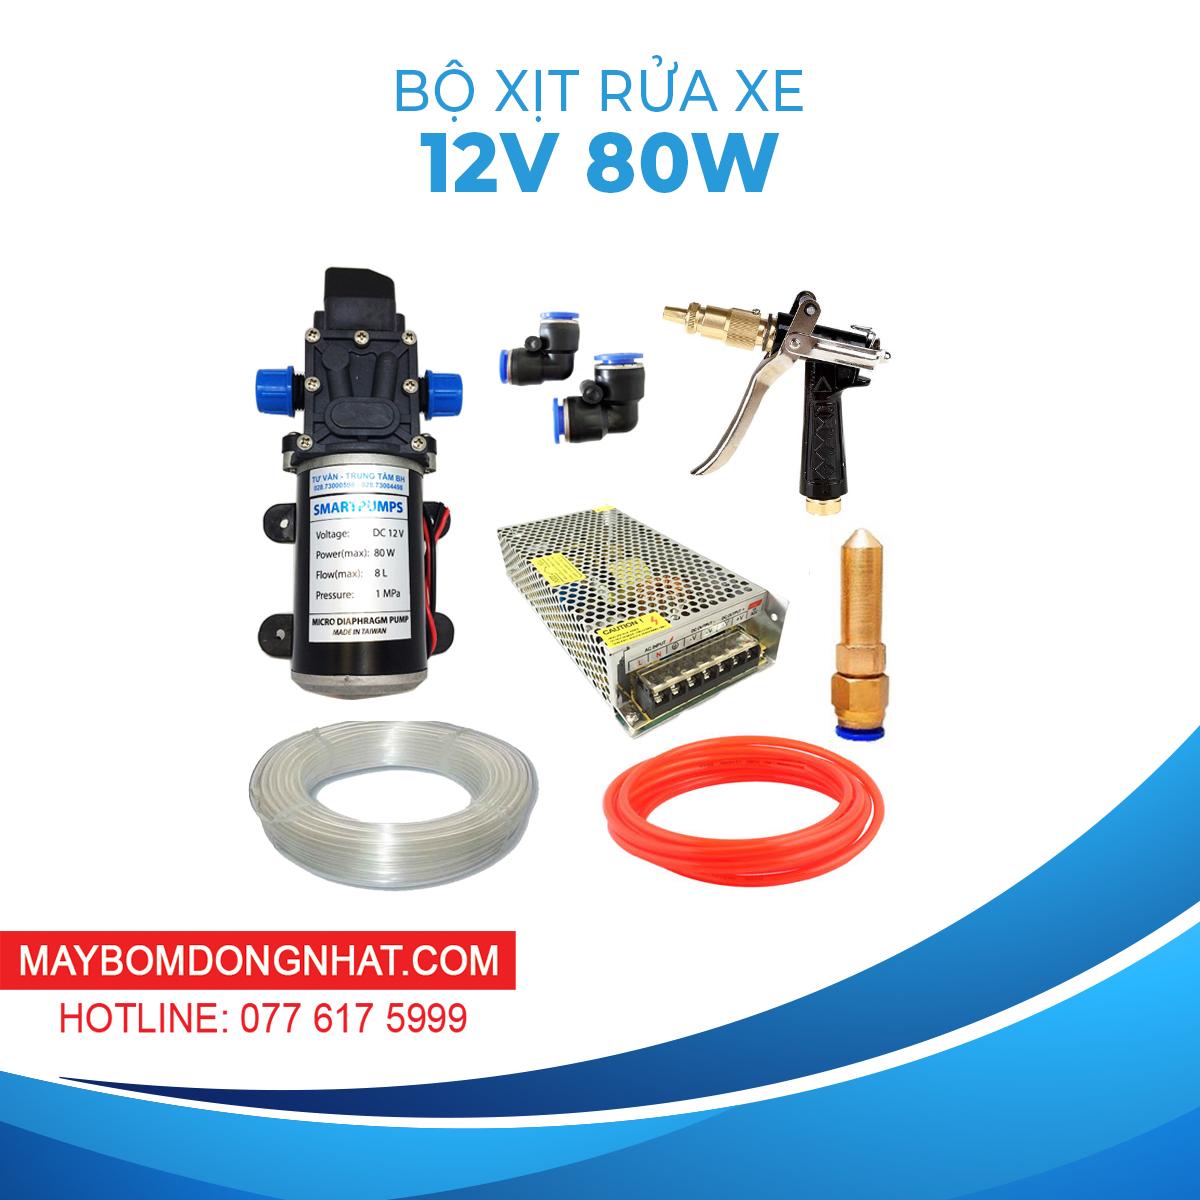 Bộ Rửa Xe Mini 12V 80W Súng Áp Lực